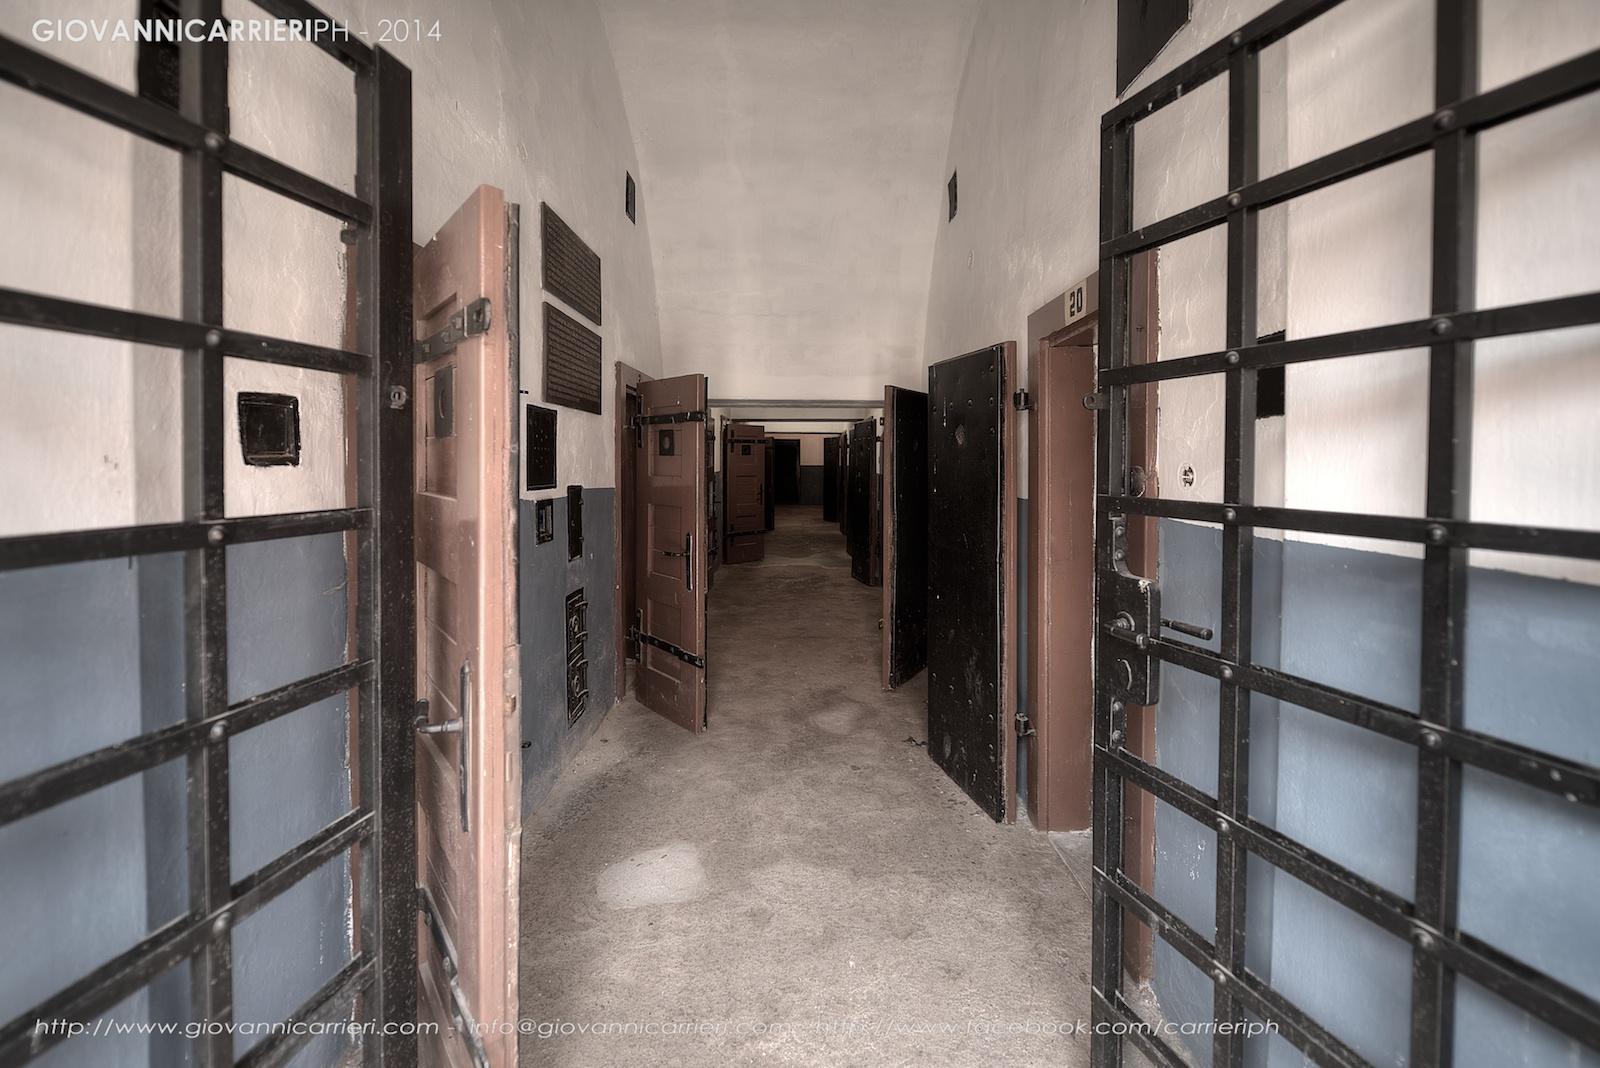 L'ingresso delle celle di isolamento - Theresienstadt